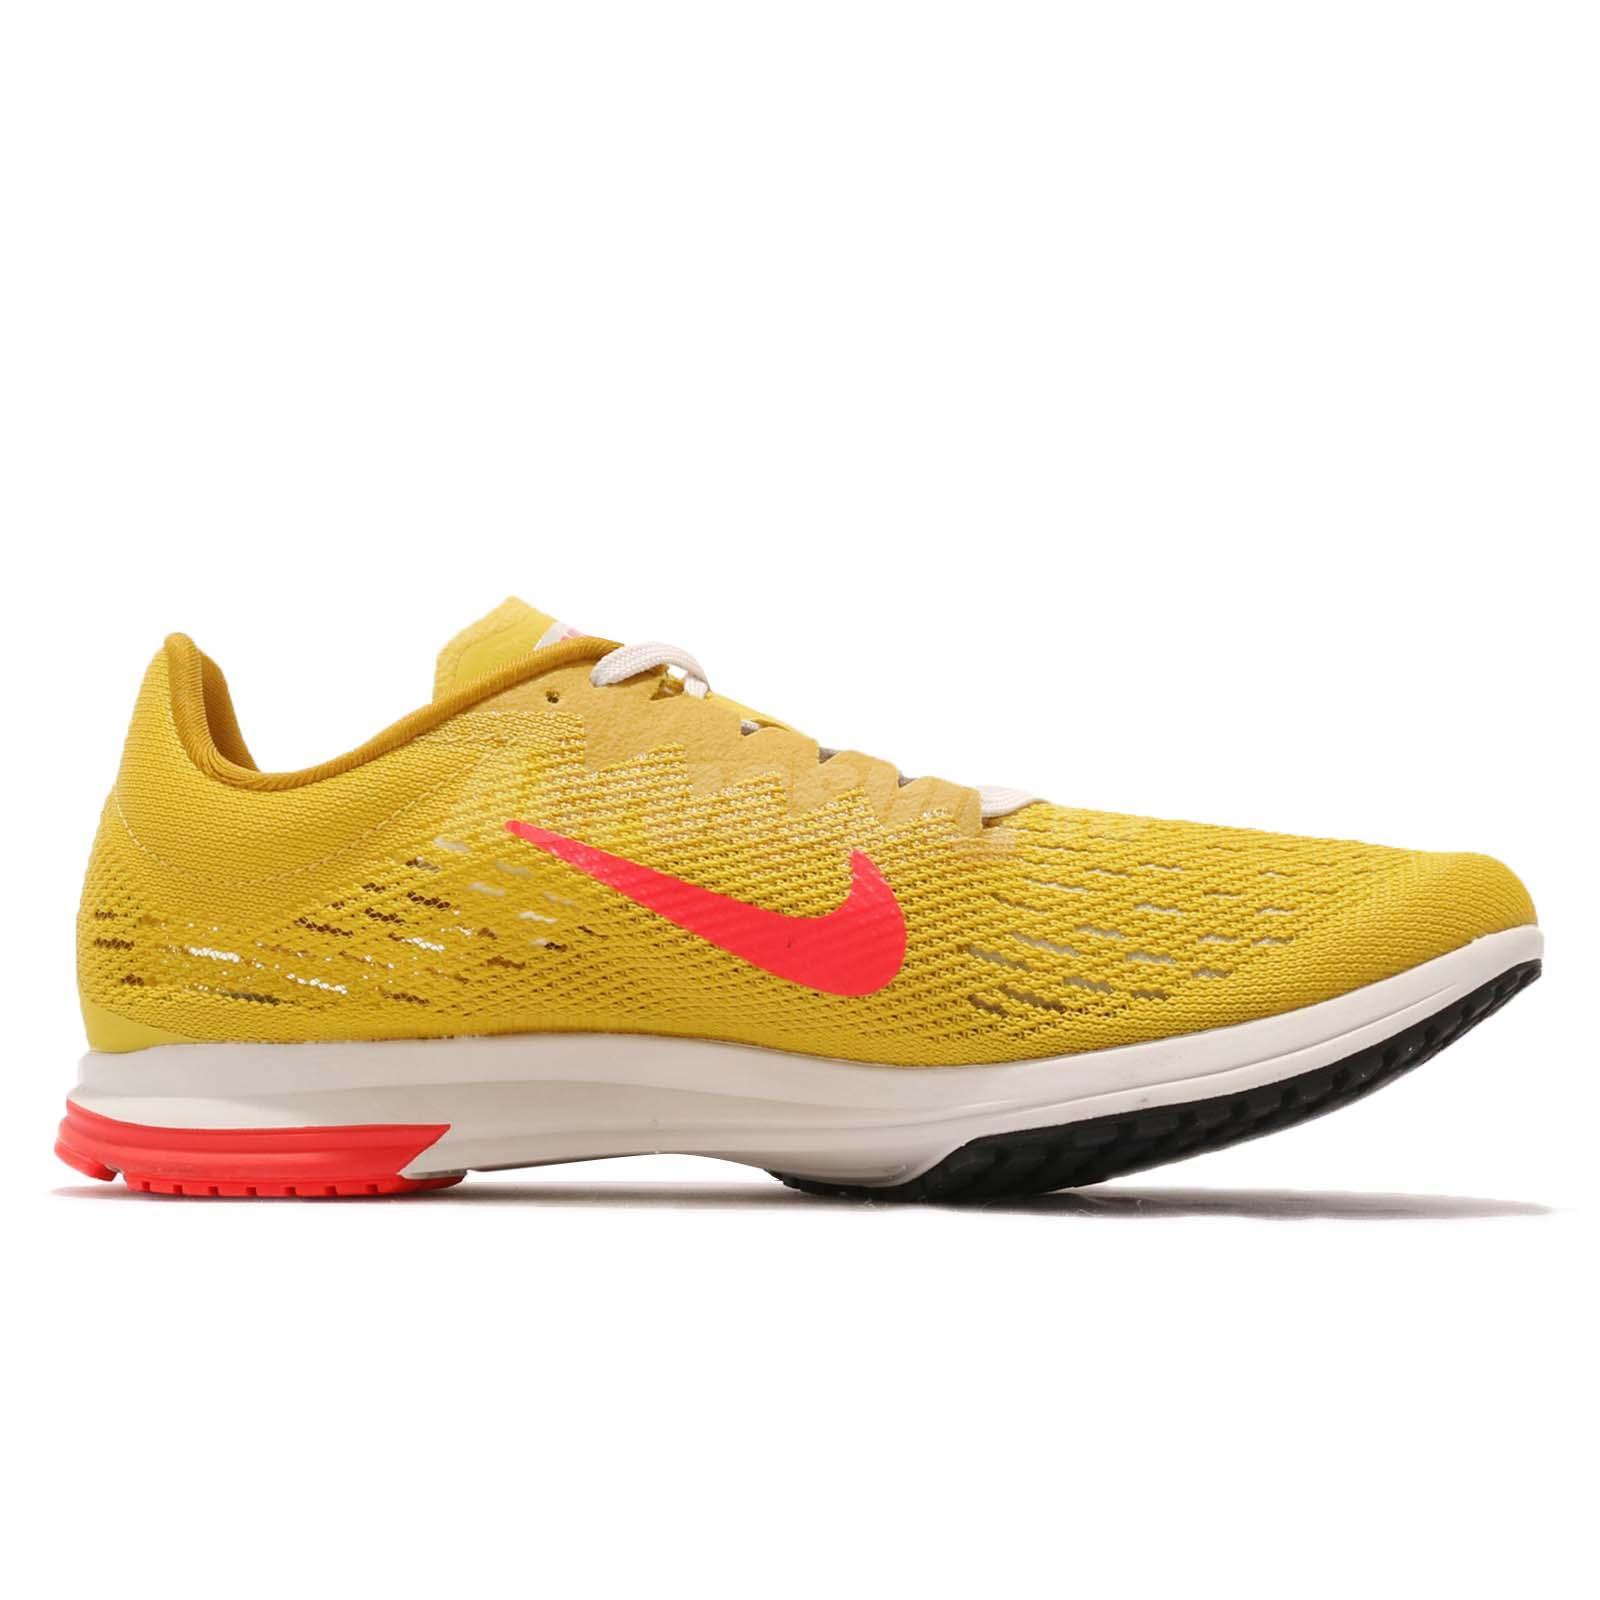 323afeaf983b9 Nike Air Zoom Streak LT 4 Yellow Pink Mens Racing Running Shoes ...